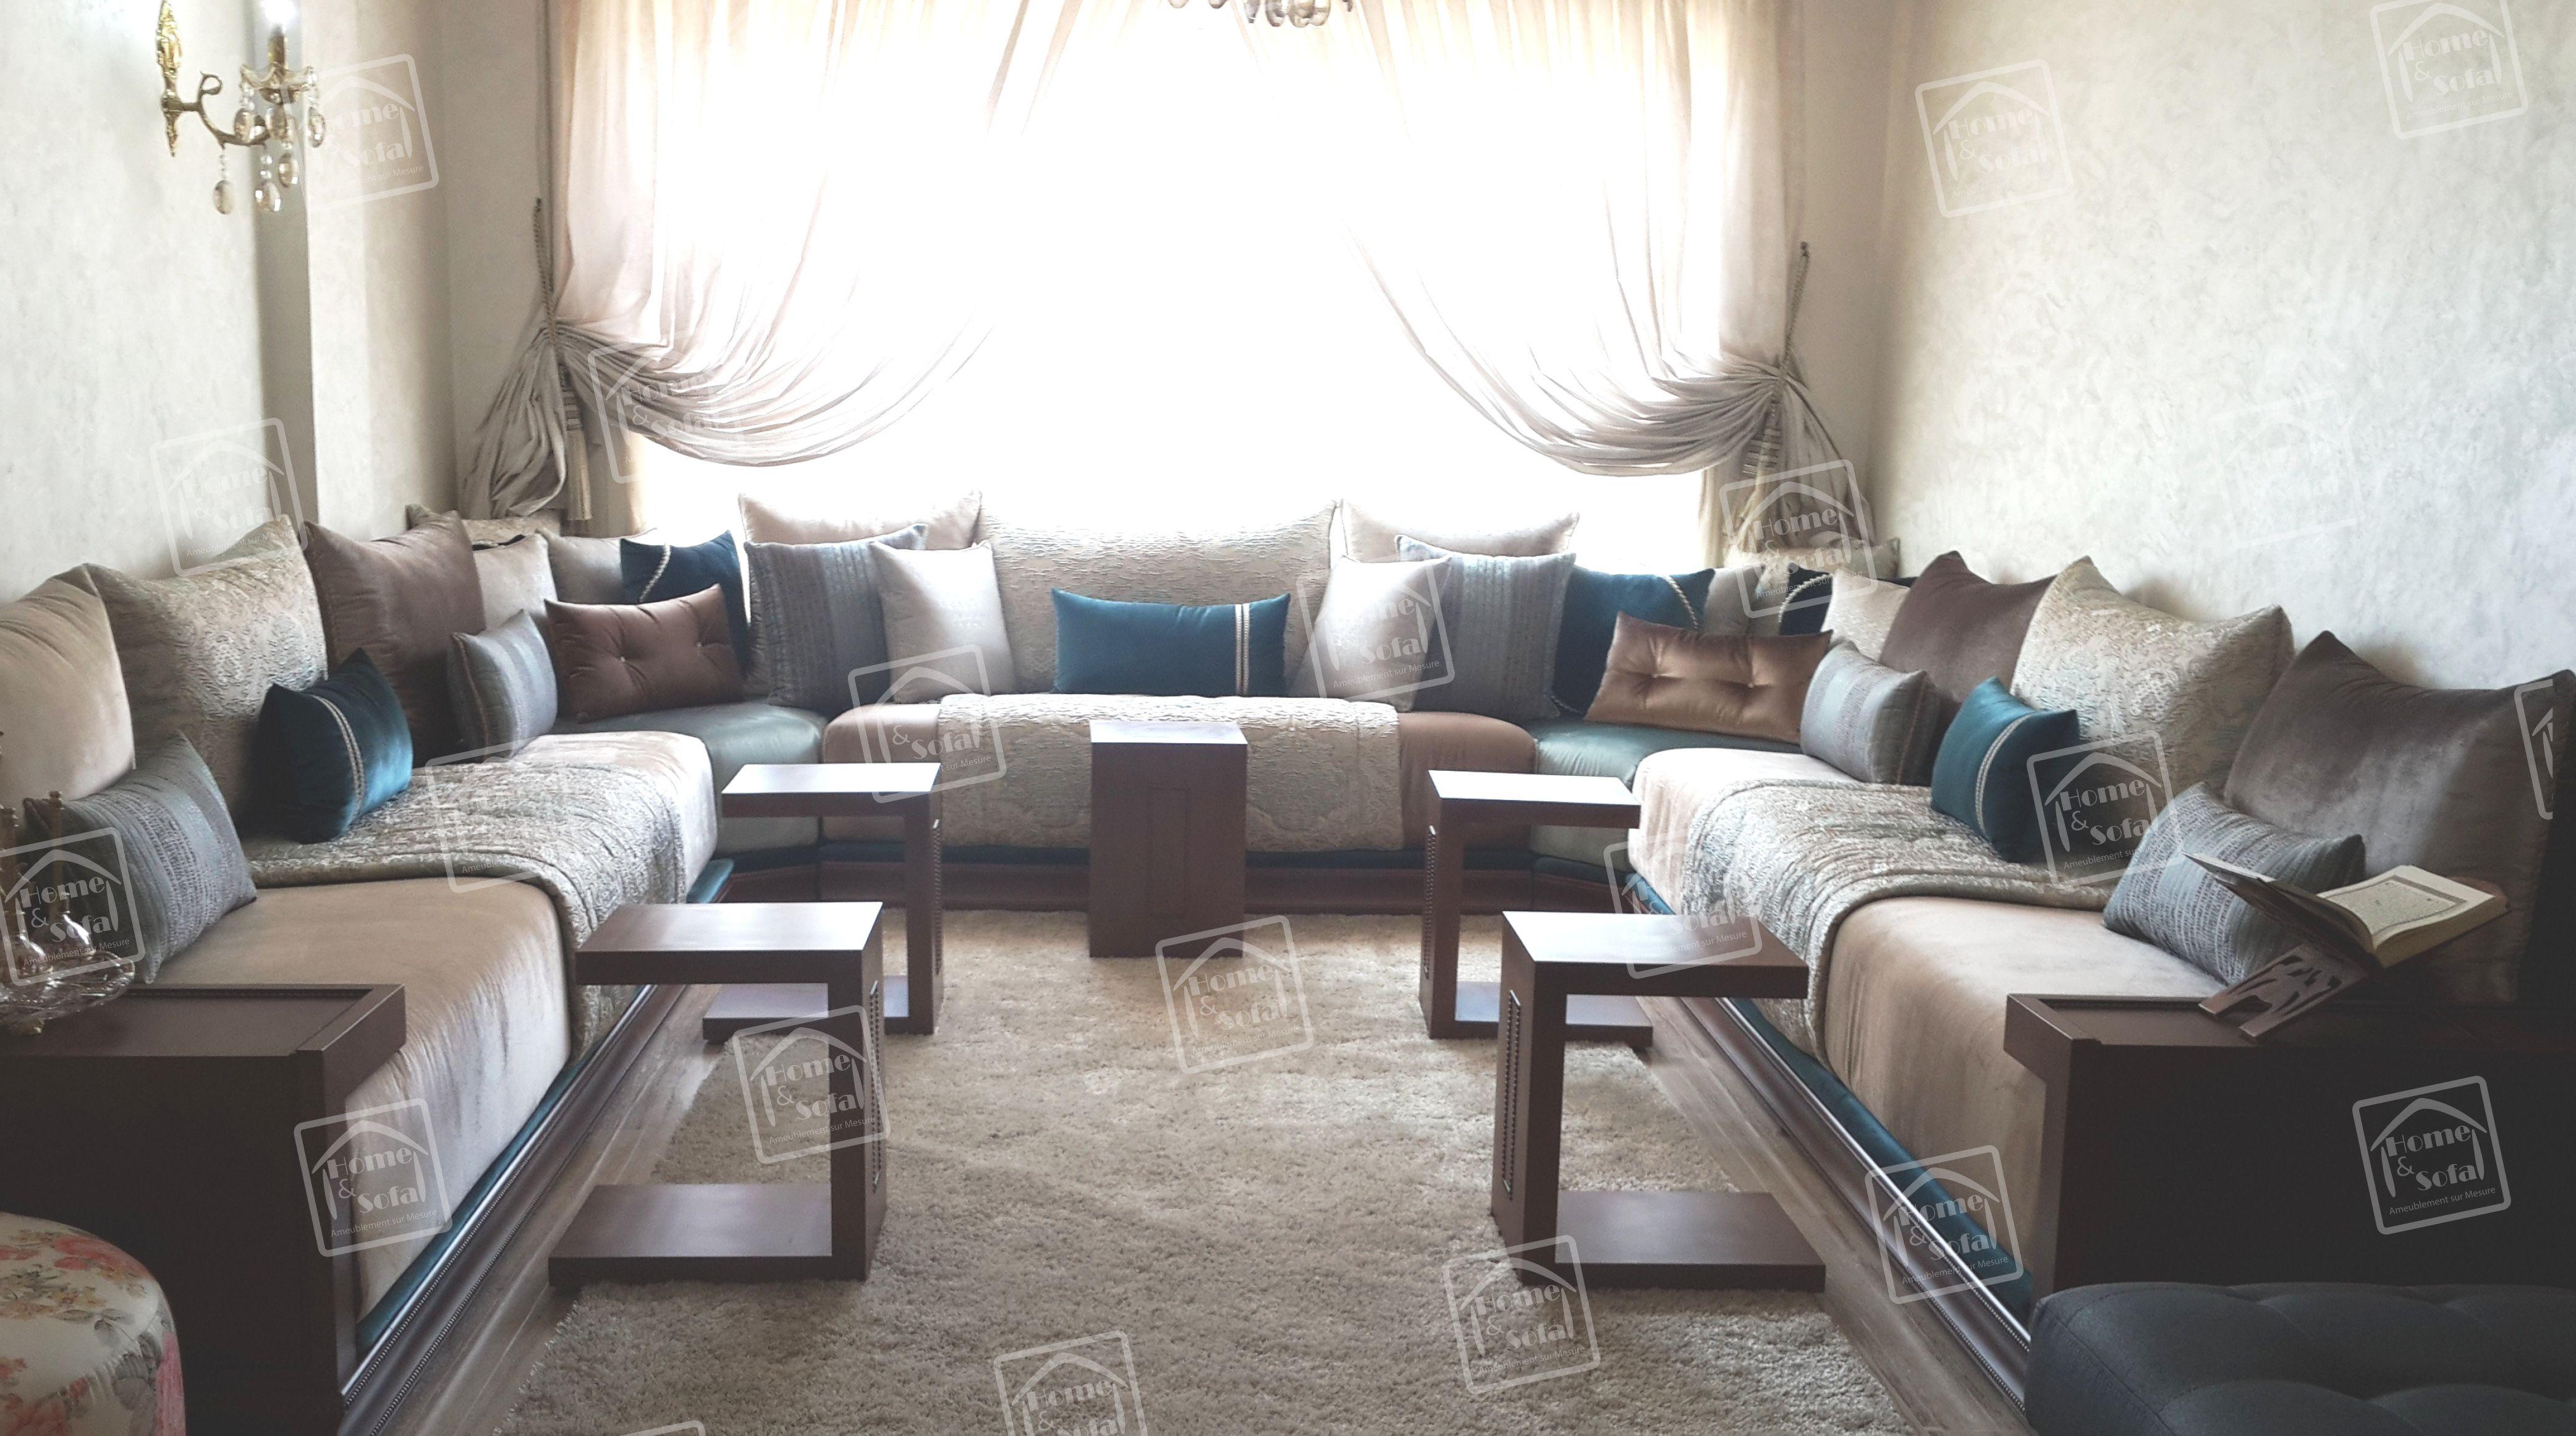 Home And Sofa Texture Agencements De Couleurs Et Decoration